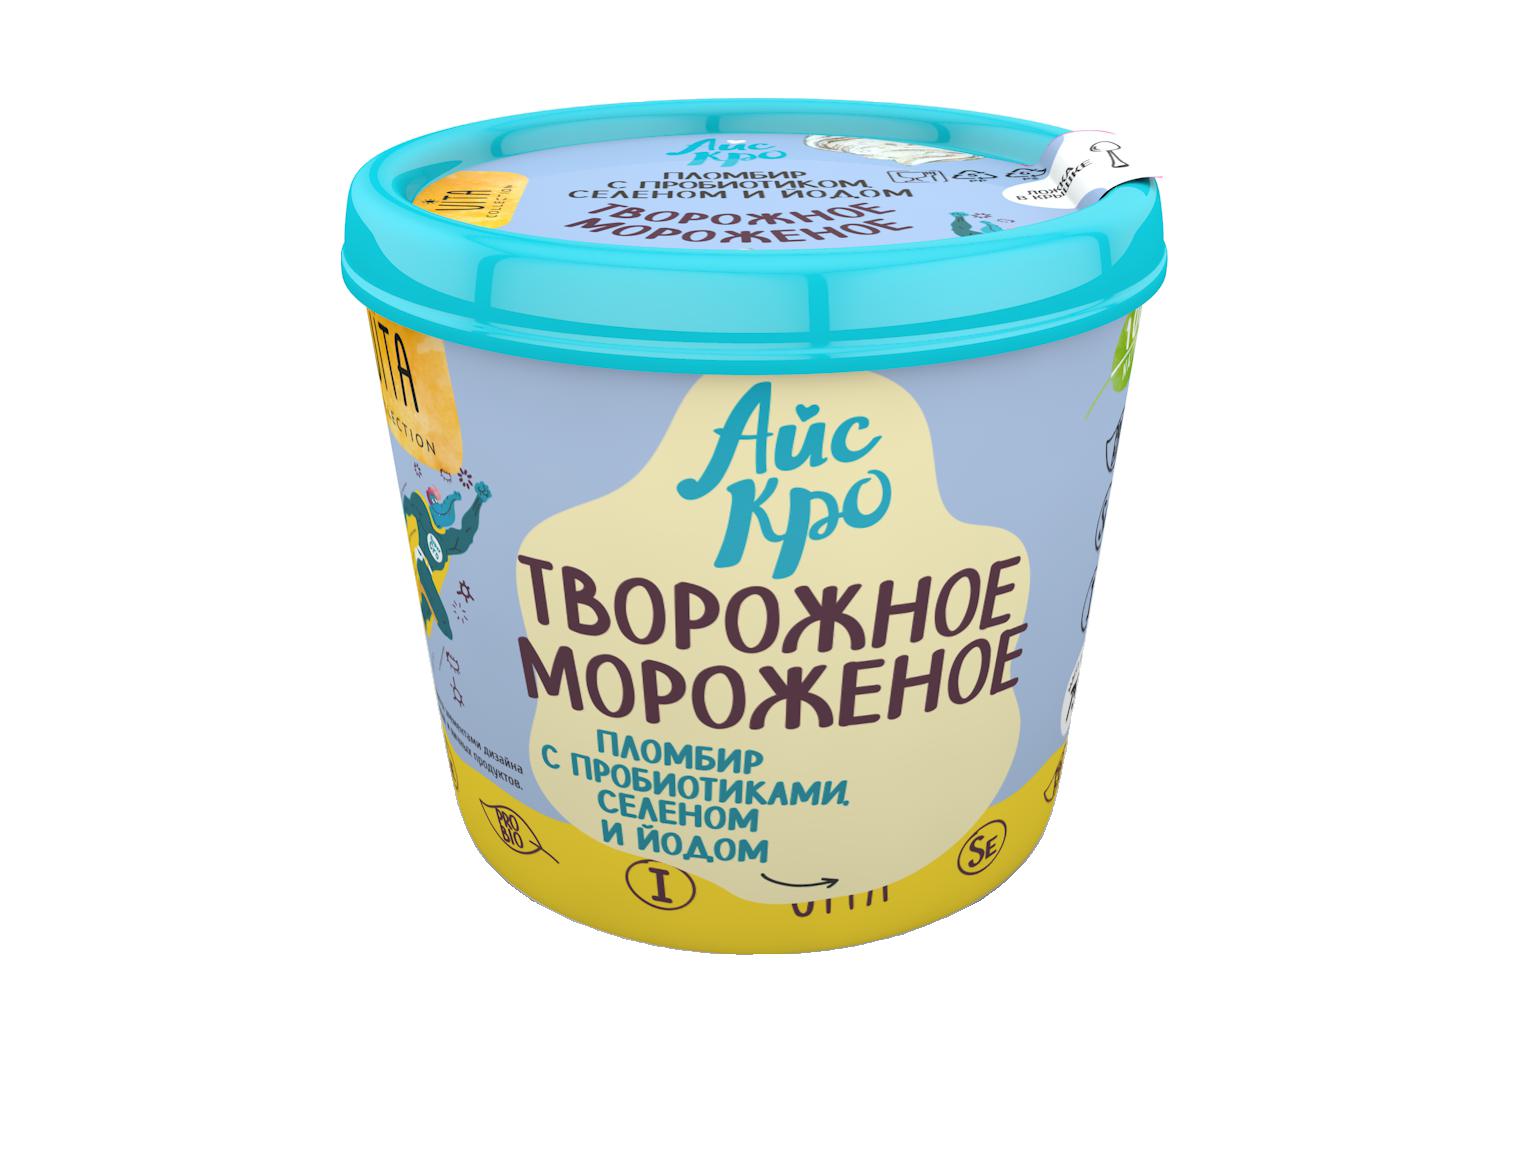 творожное мороженое айскро